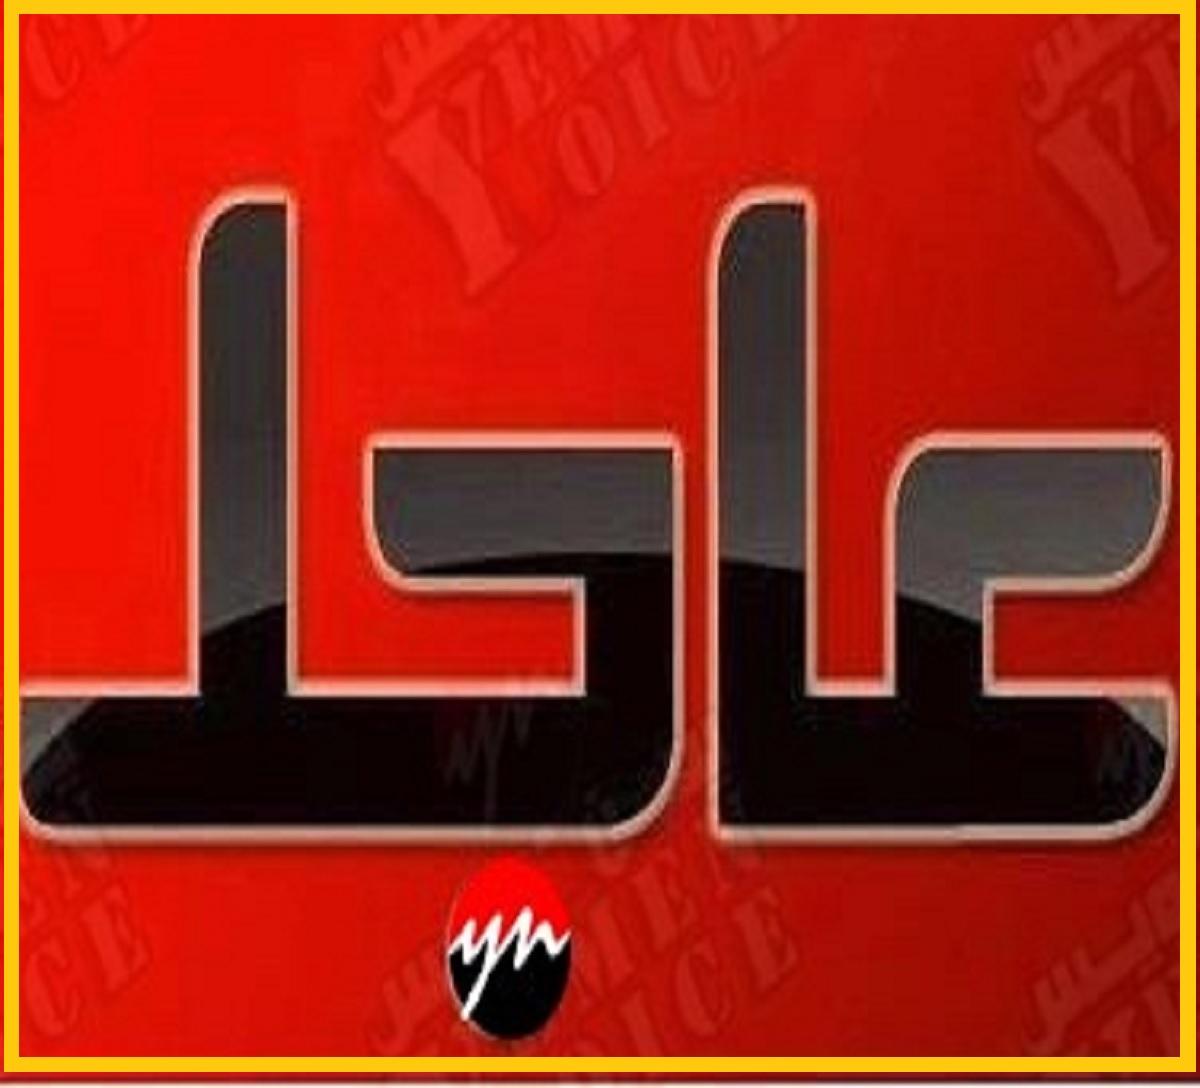 عاجل : أهم دولة عربية تستفيق على انقلاب عسكري واعتقال رئيس الوزراء وكبارالمسؤولين وقطع الإنترنت ( تفاصيل طارئة )